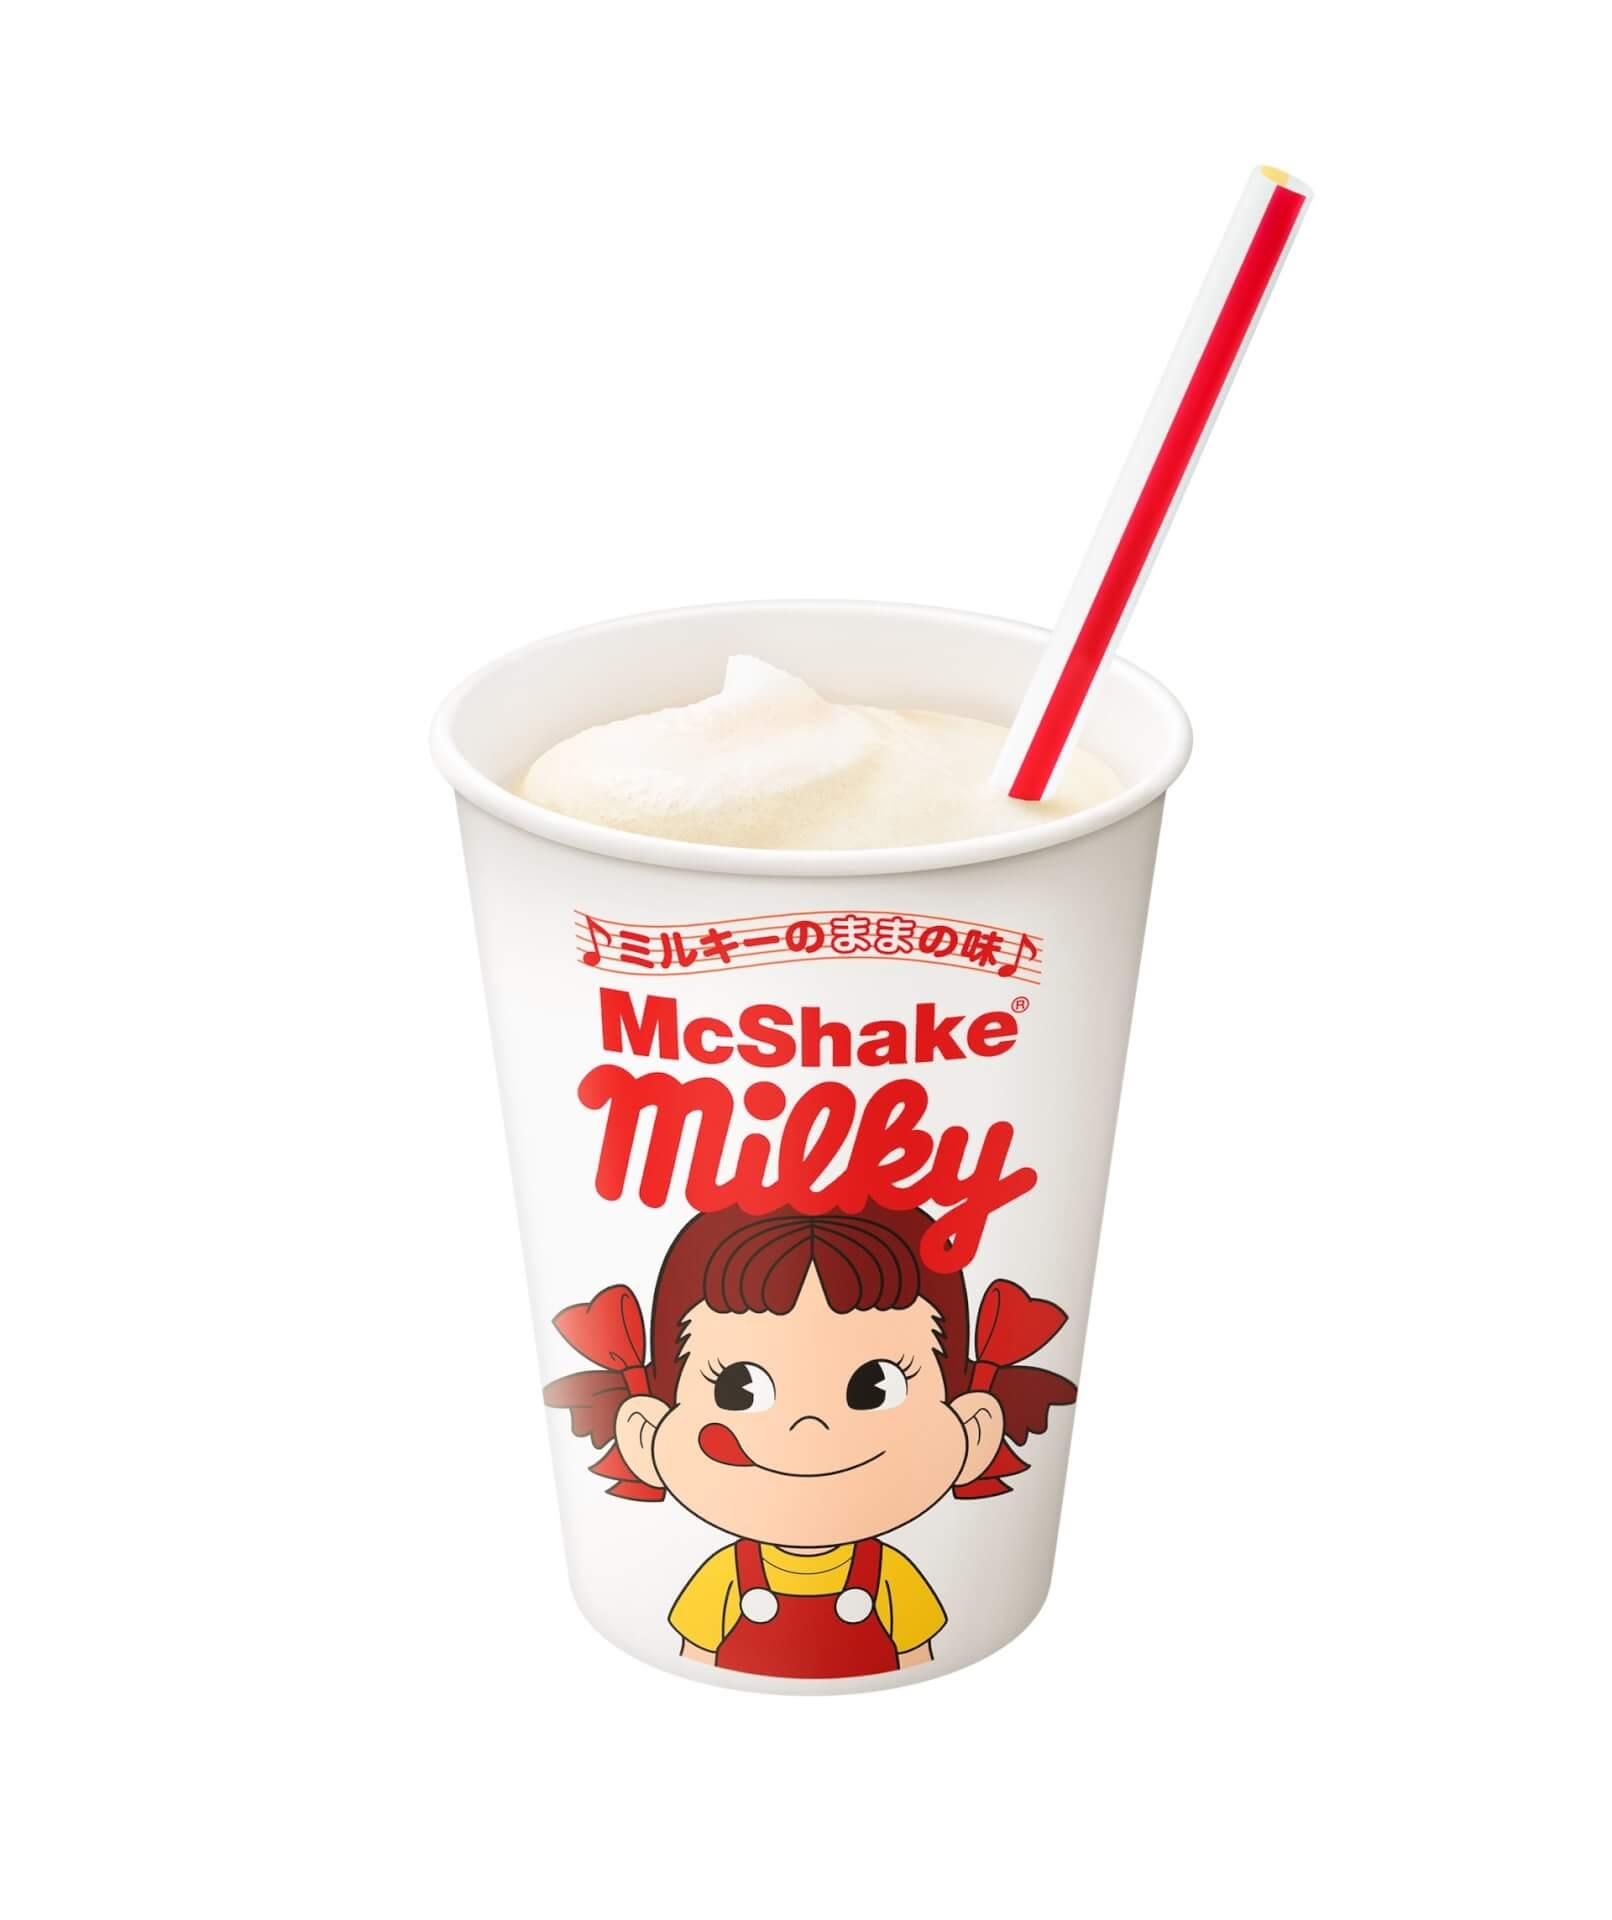 ミルキーの味のままのマックシェイクがマクドナルドから登場!「ワッフルコーン いちごミルキーのままの味」も期間限定で発売 gourmet210414_mcdonald_shake_13